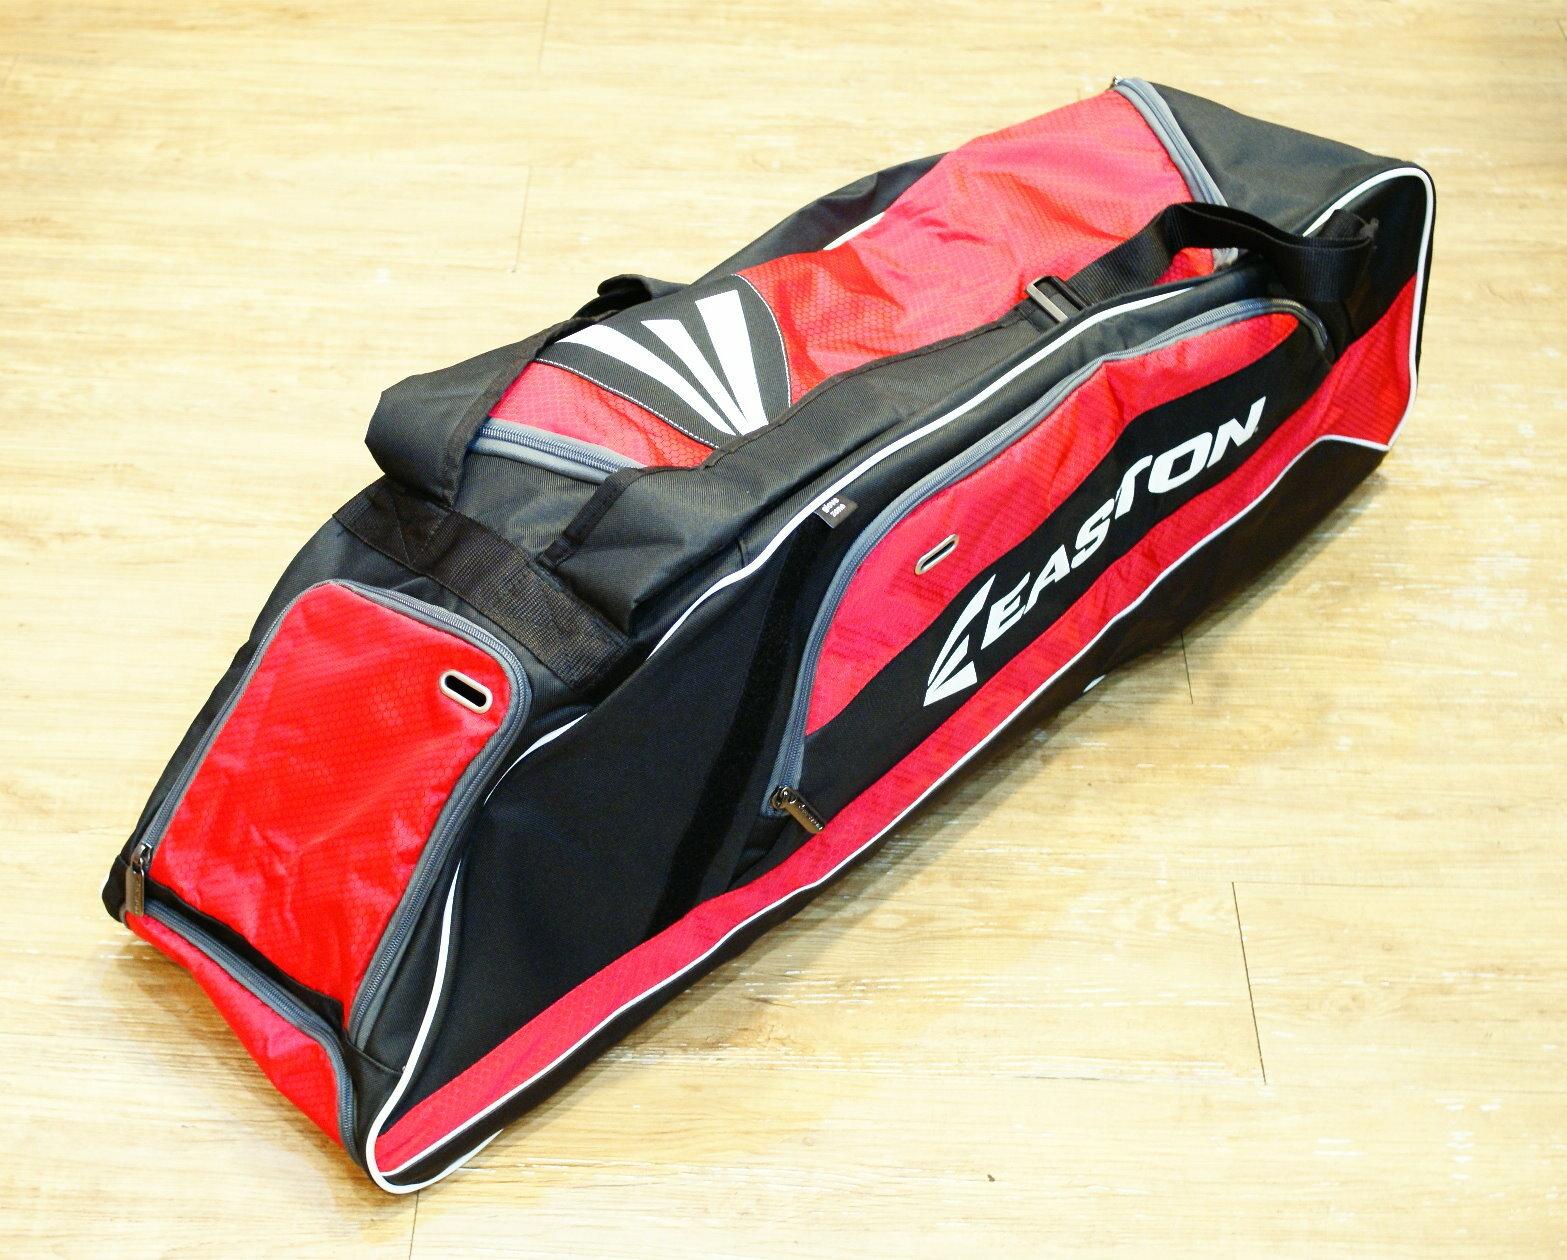 棒球世界 全新EASTON E500T 美式裝備袋 特價 紅色